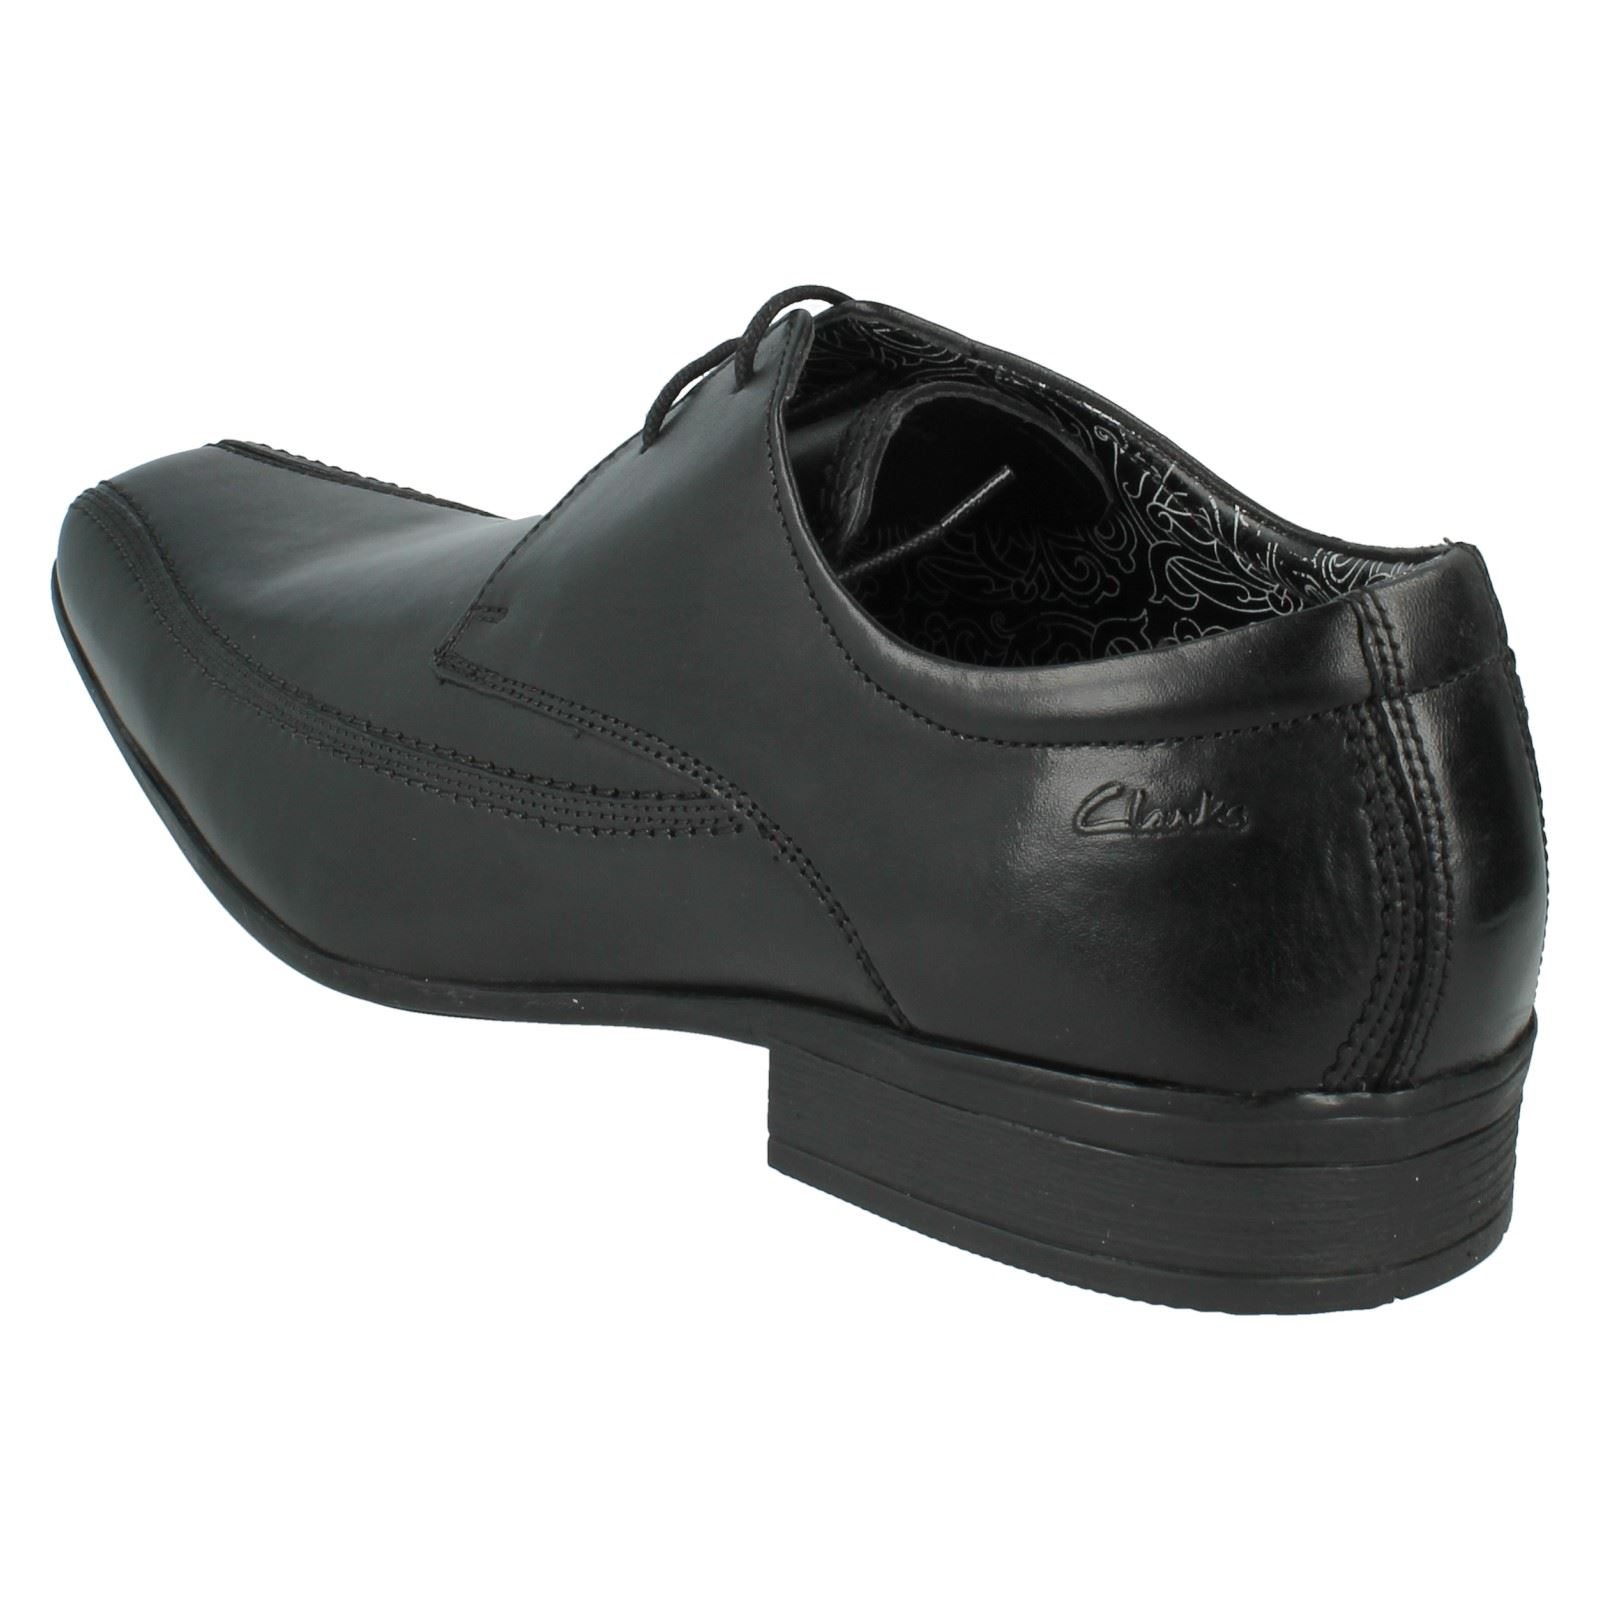 Para Hombre Clarks Clarks Hombre lazada formal Zapatos Baze día ebb731